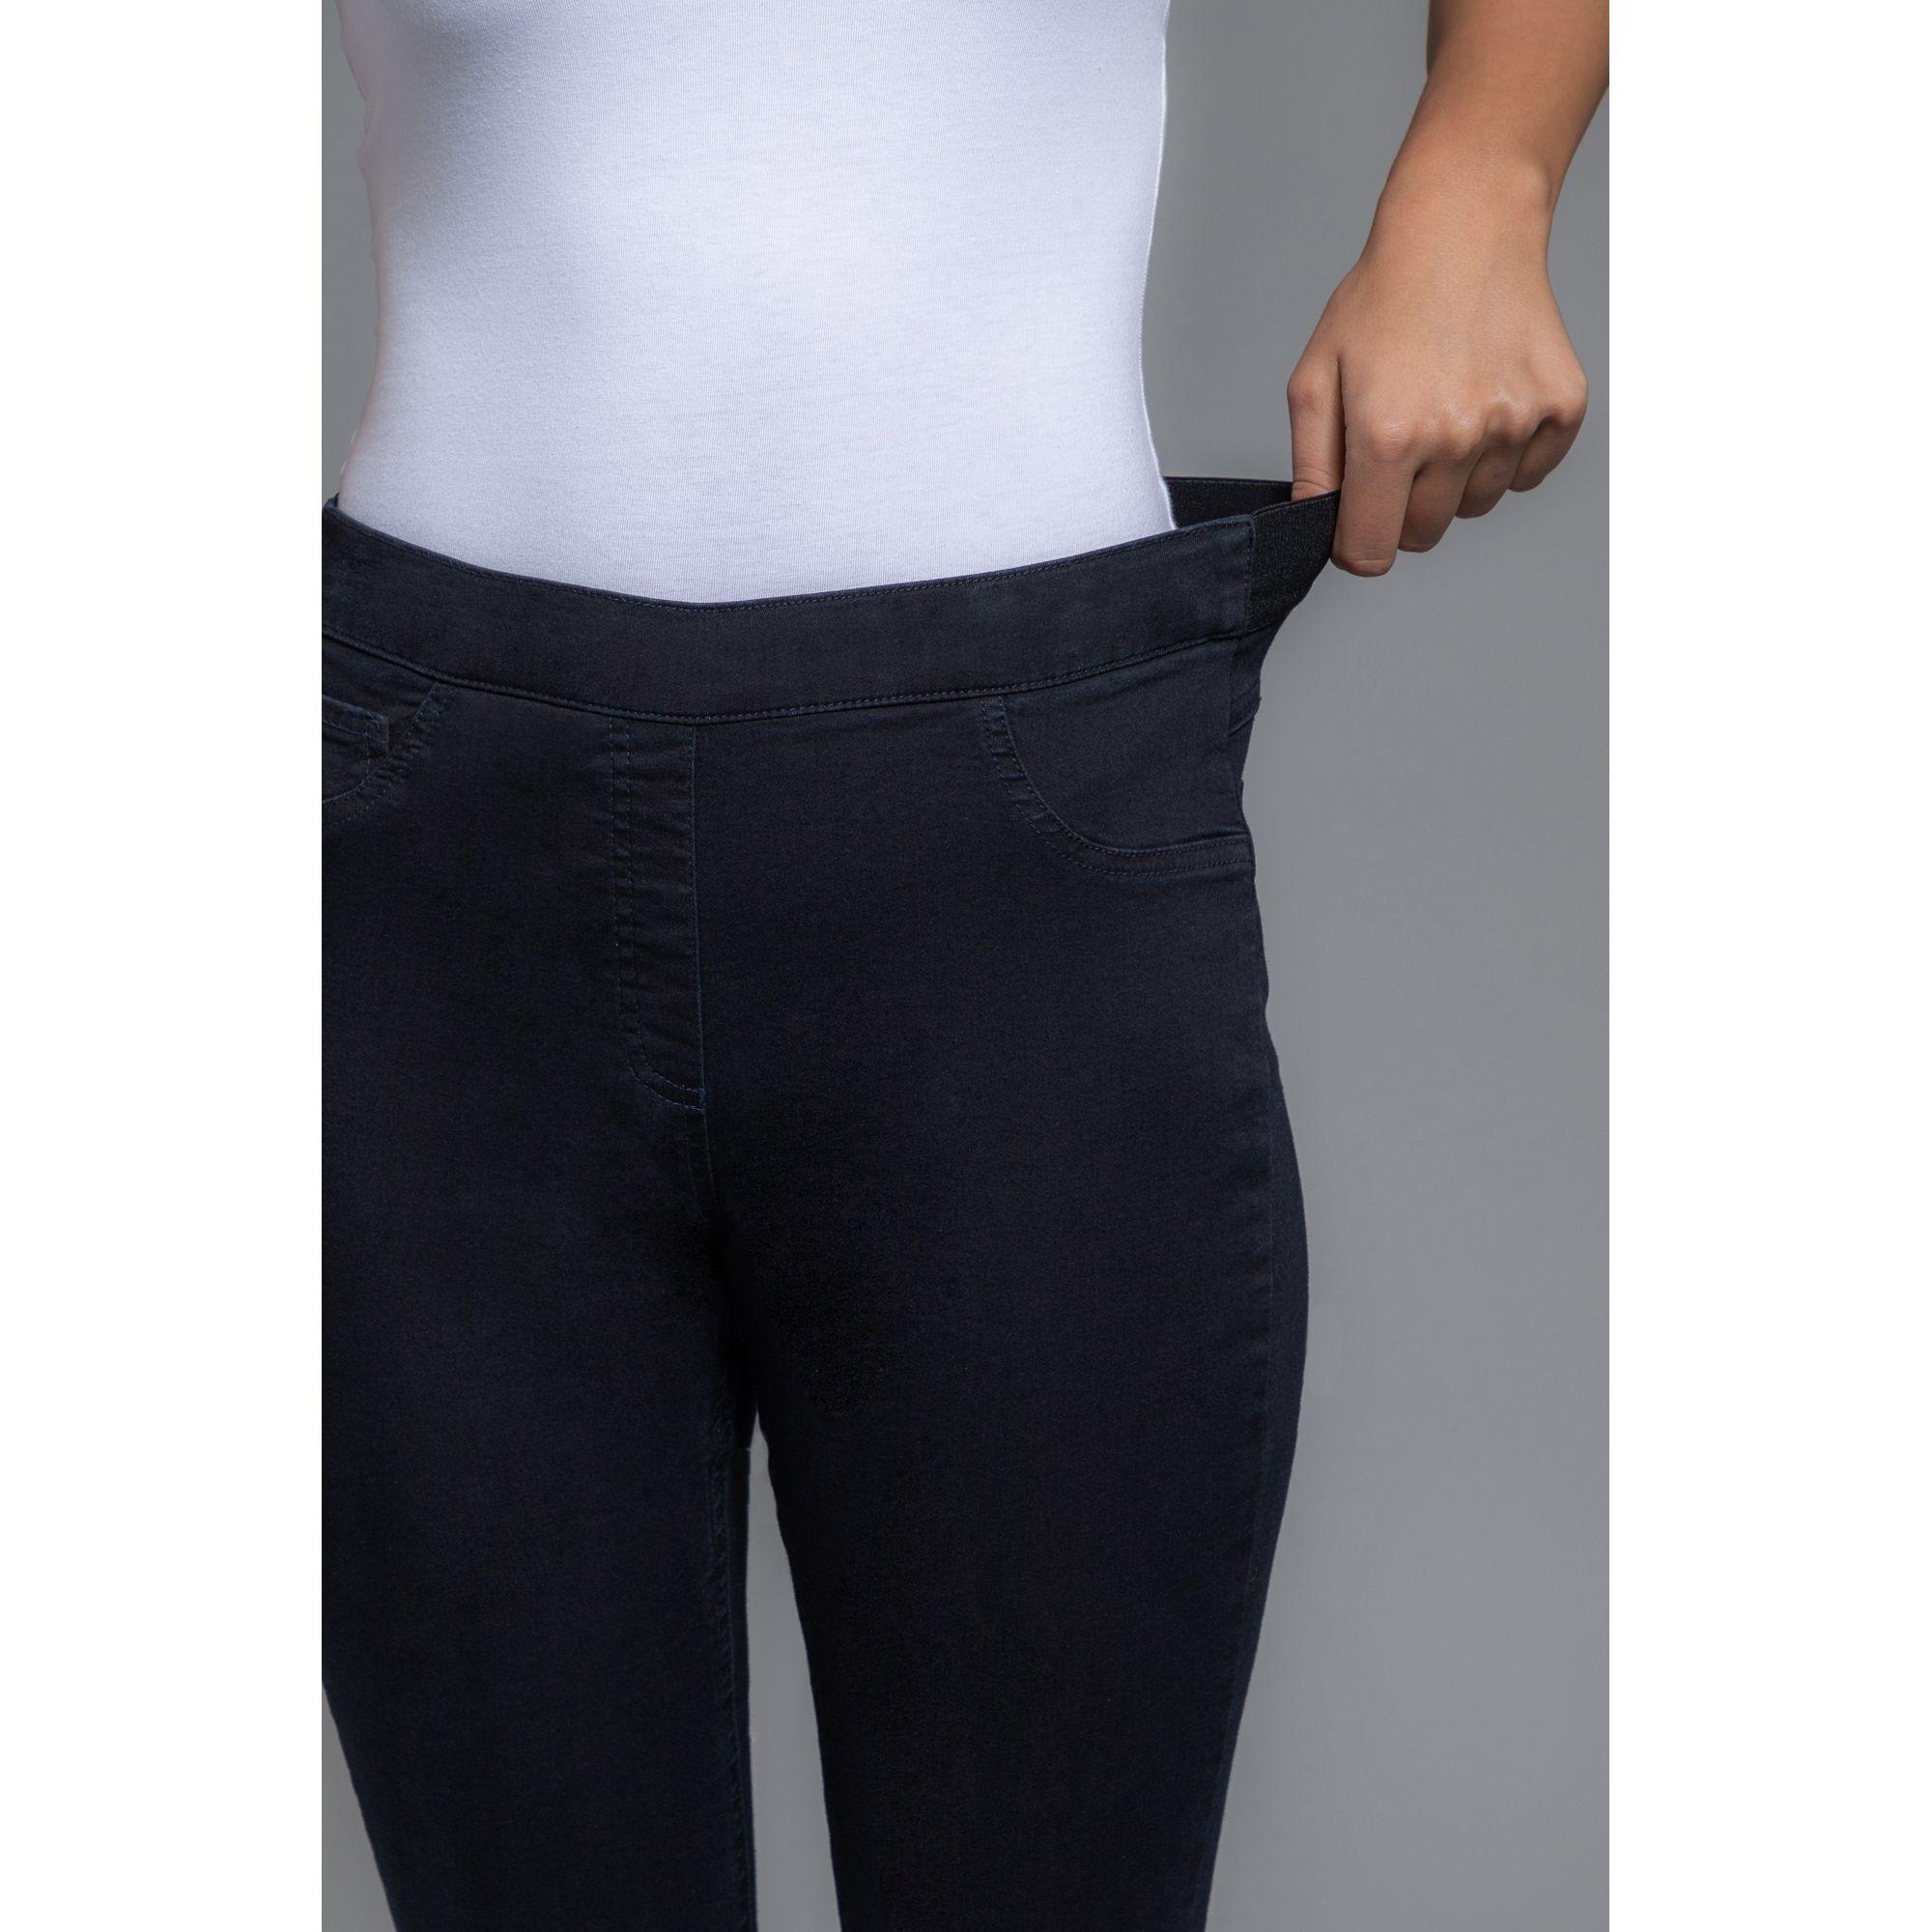 Hochwertige  Stretch-Jeans Jeggings  Gr.44 Rundumdehnbund